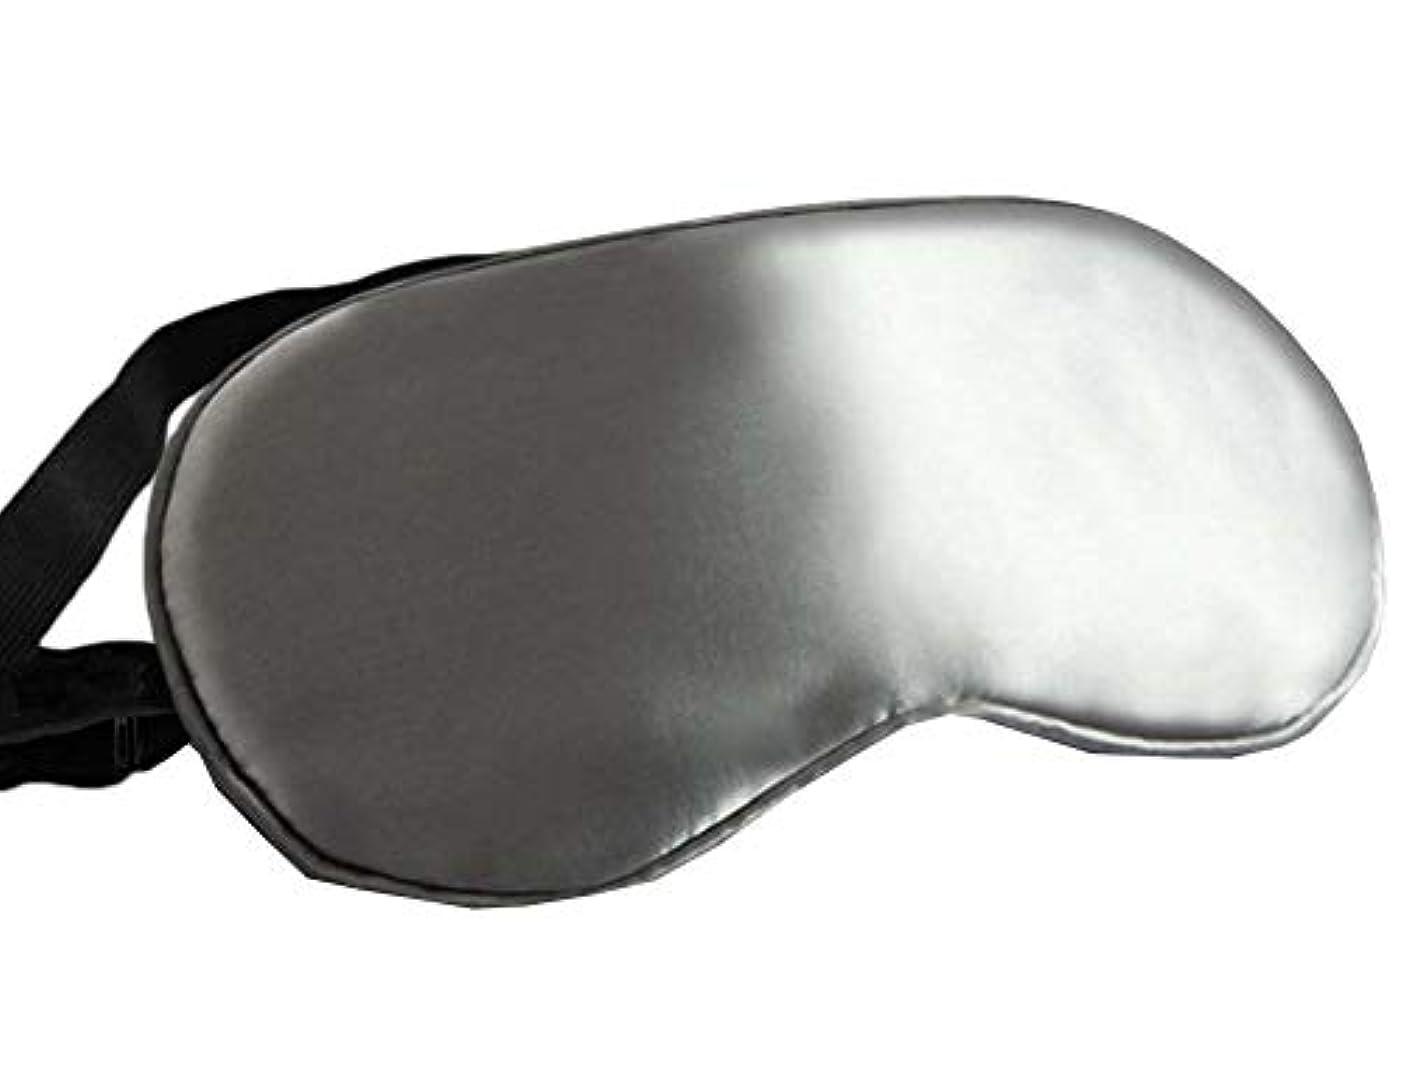 目的グレード合併症シルクスリープアイマスク旅行とシフトワークとナップのための - 08